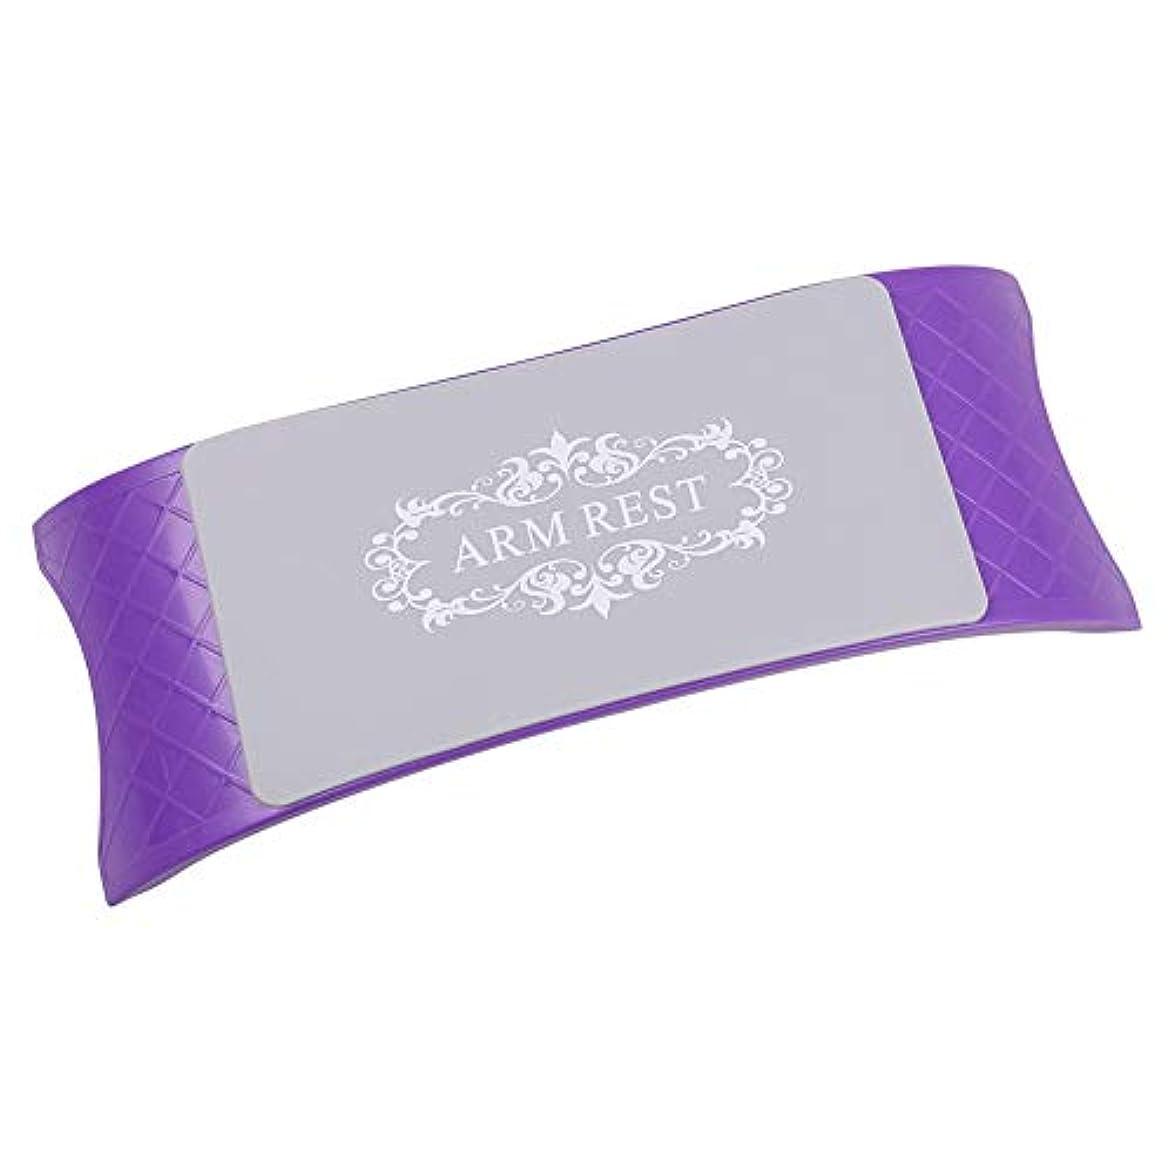 好きである仕方ライセンス5色 高品質 快適 シリコンハンドレストクッション枕 ネイルアート テーブルアーム 手首パッド マニキュア サロン(02)